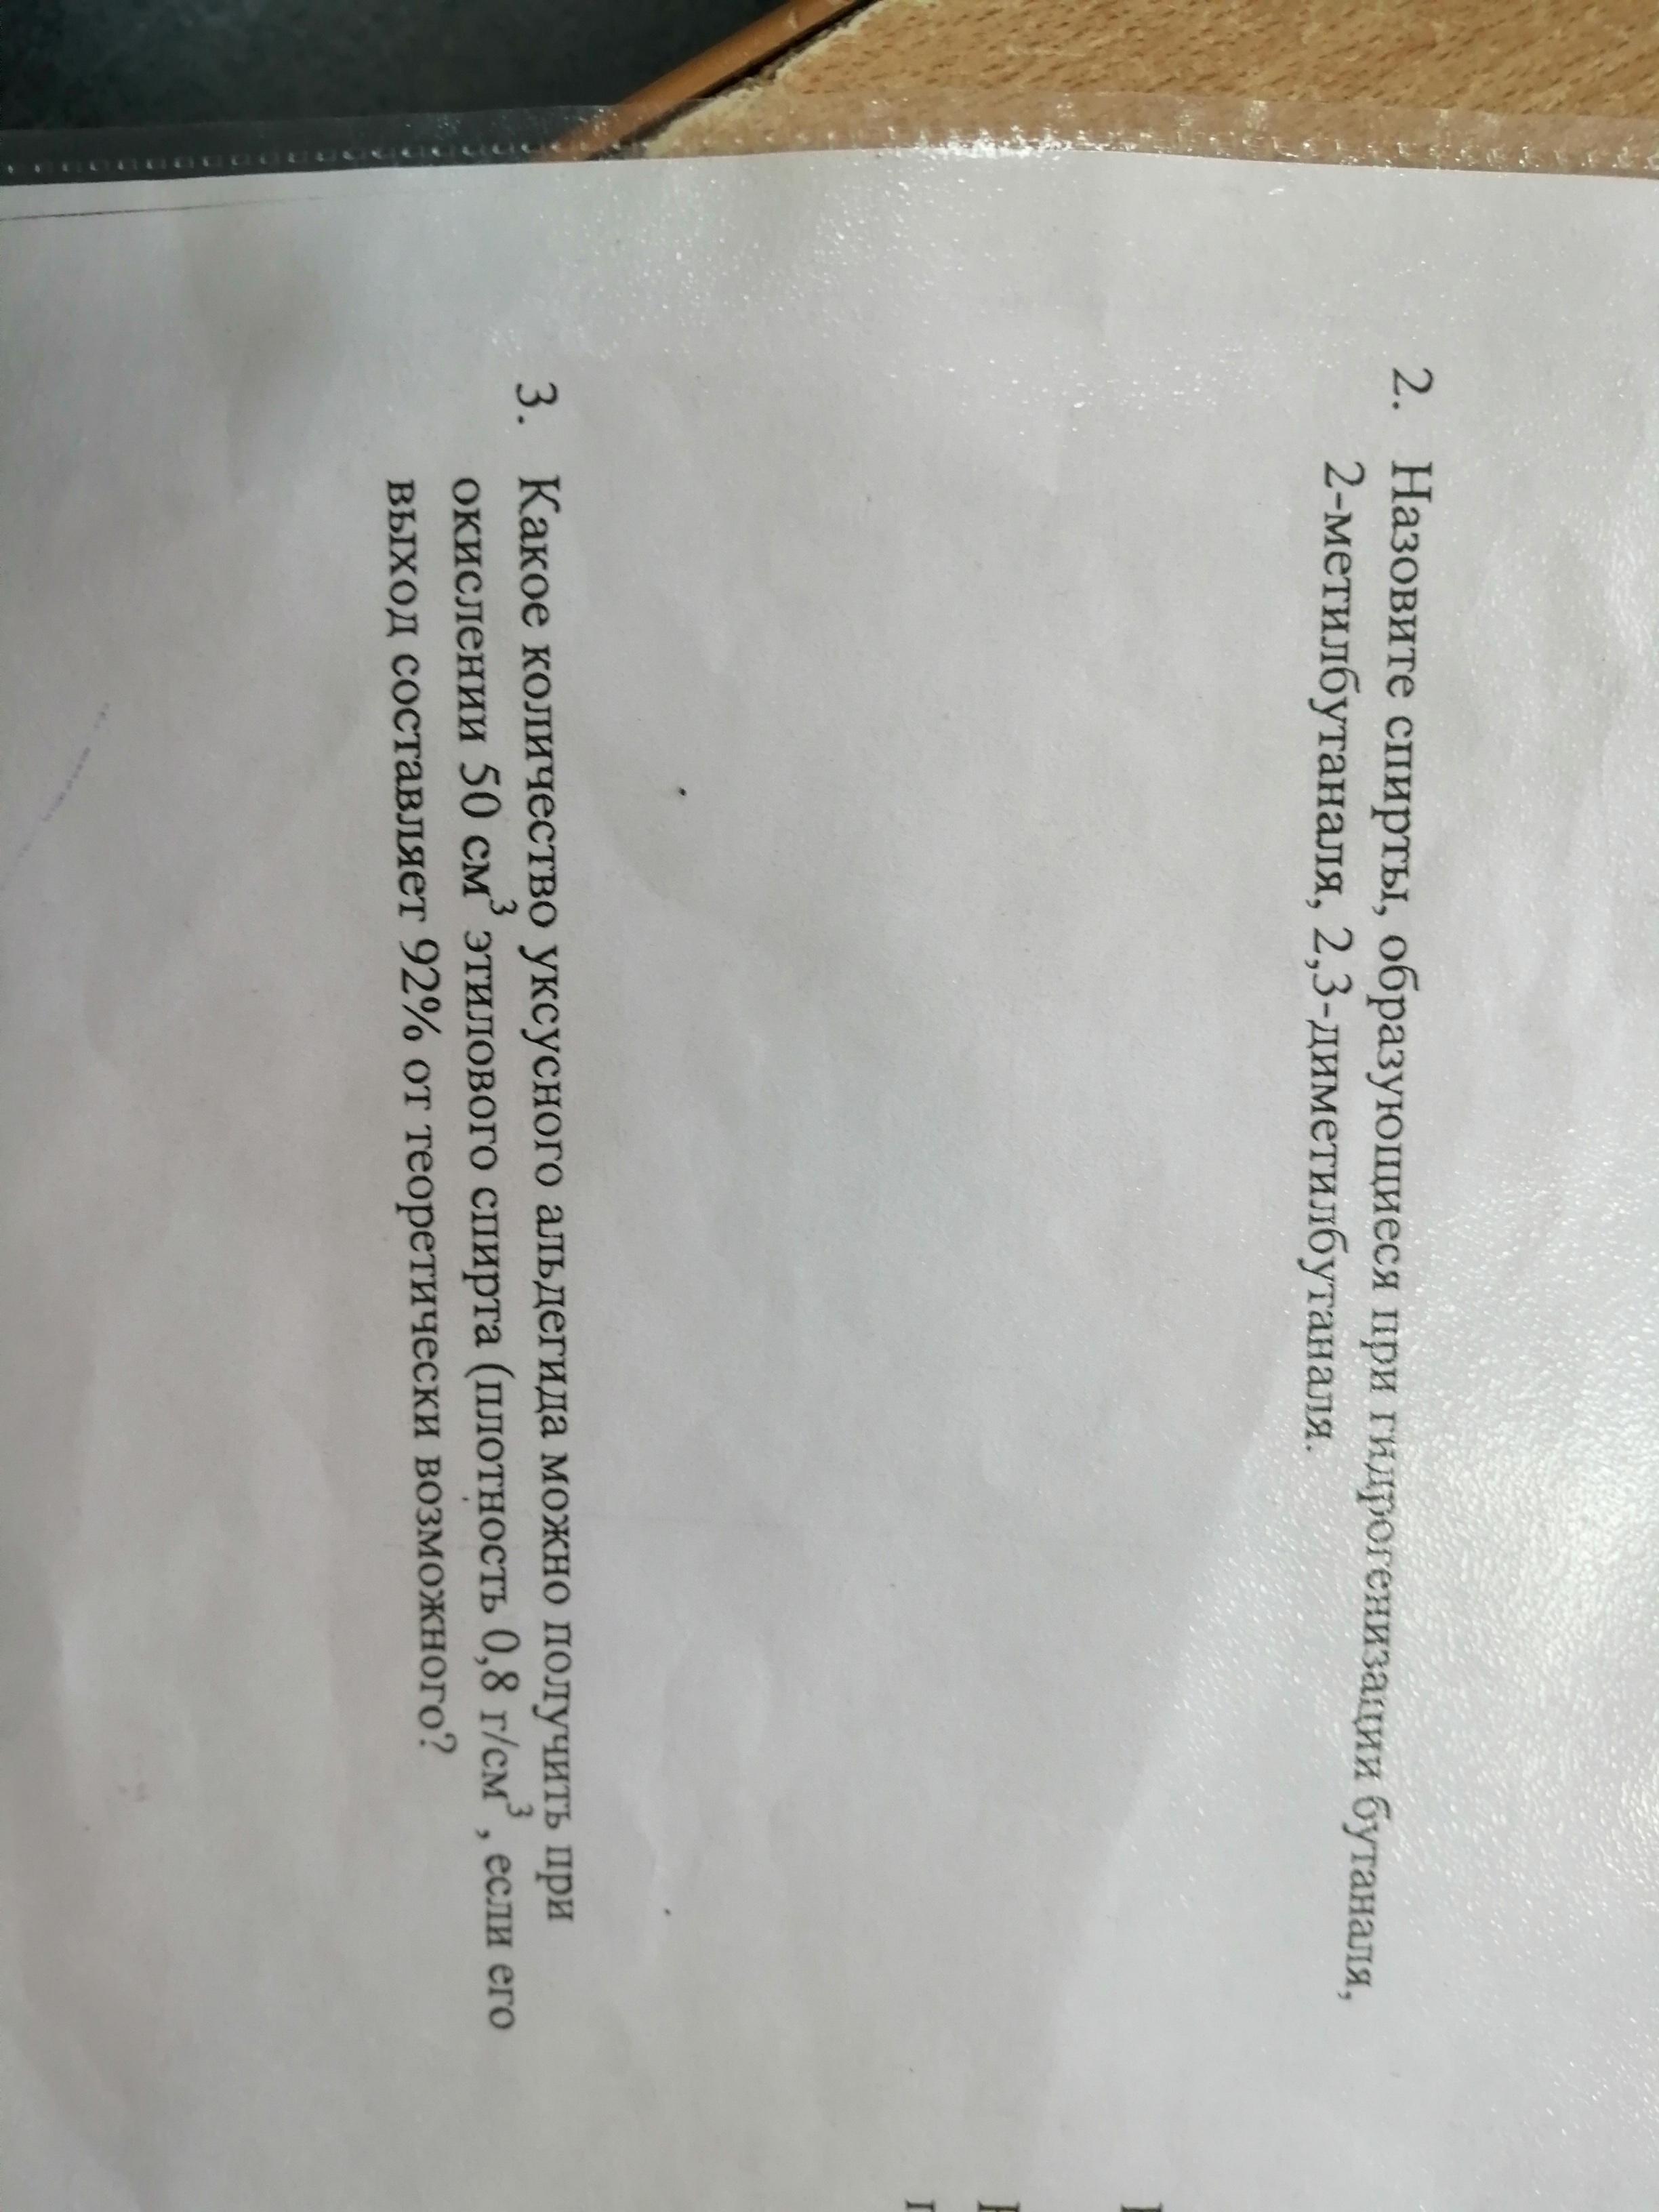 Помогите решить 3 задачу пожалуйста